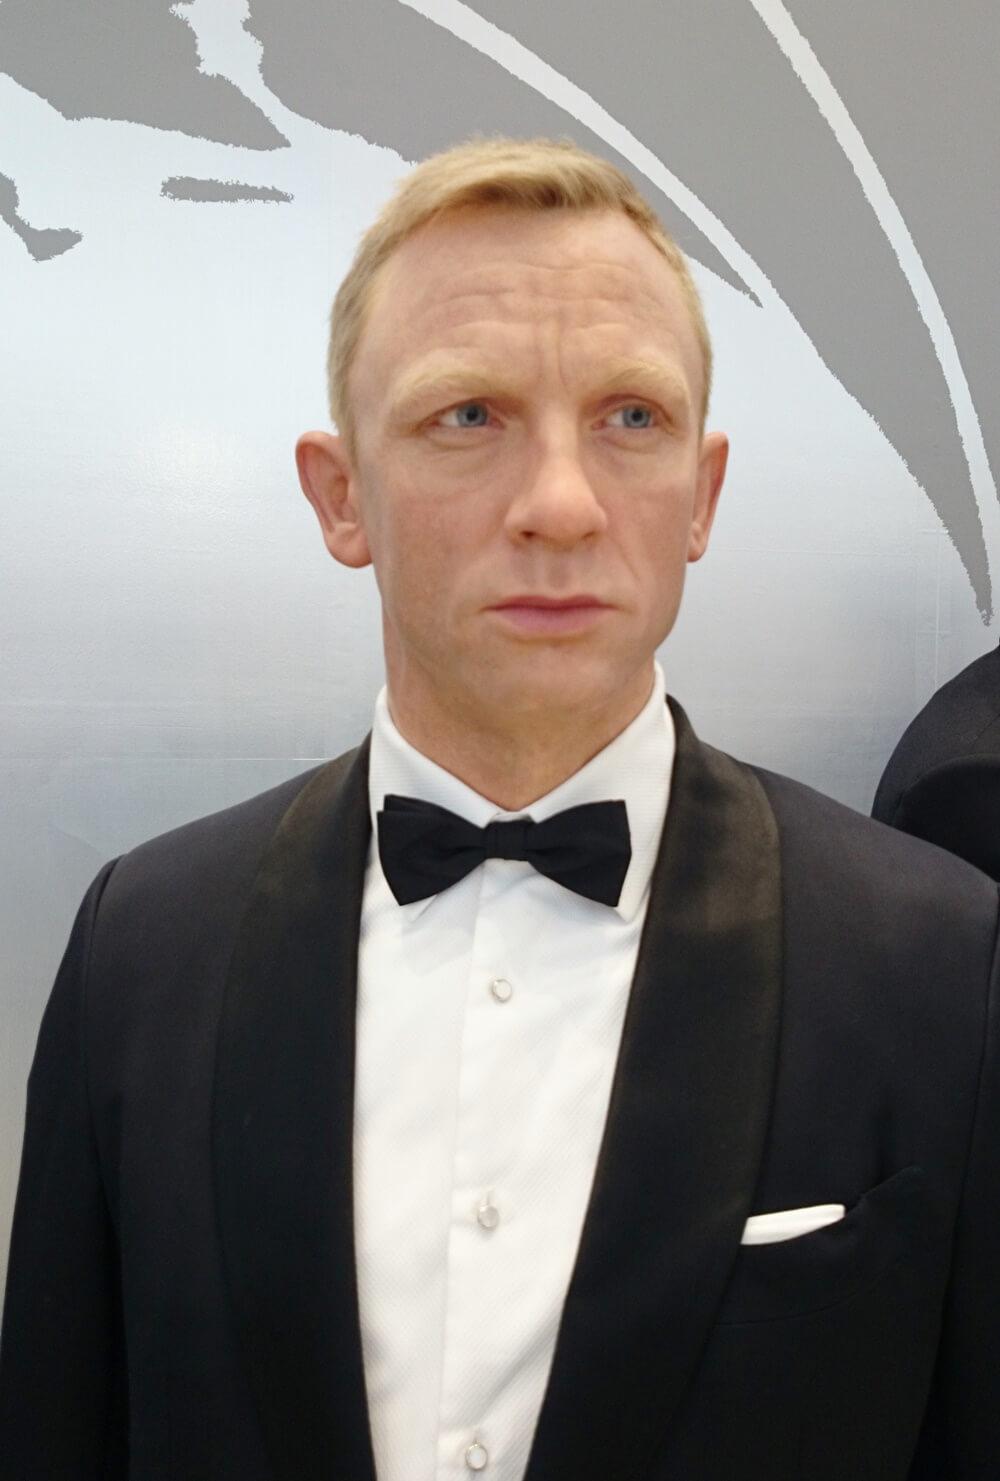 6代目:ダニエル・クレイグ(Daniel Craig) 歴代ジェームス・ボンド マダムタッソー バーニーズニューヨーク 007_madametussauds_BARNEYS NEW YORK